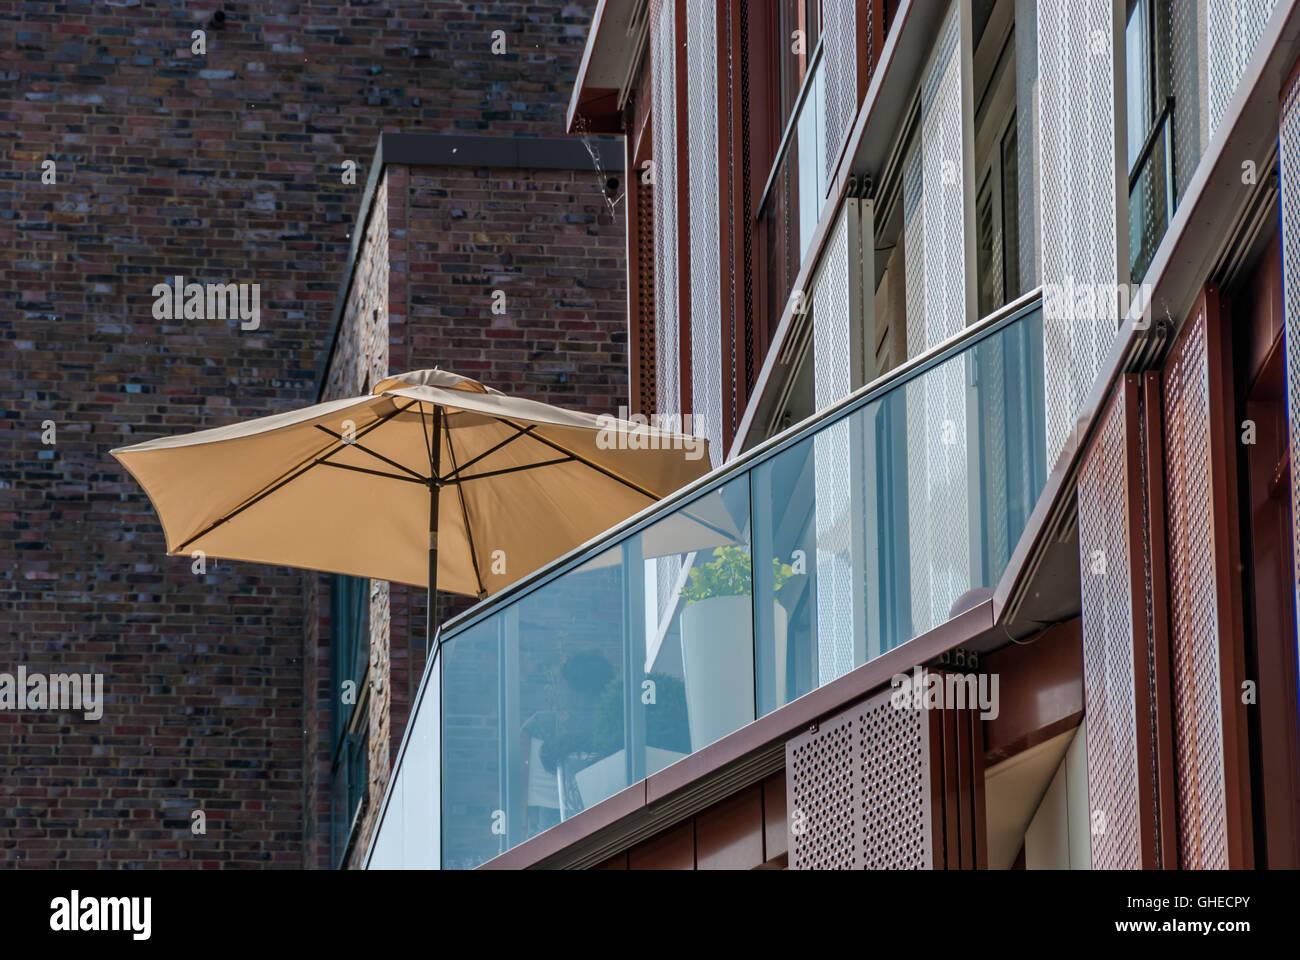 Parasol O Sombrilla En La Playa En Un Apartamento Moderno Con Patio  Cubierto De Vidrio Para Un Sano Estilo De Vida Al Aire Libre Vista Desde  Abajo.